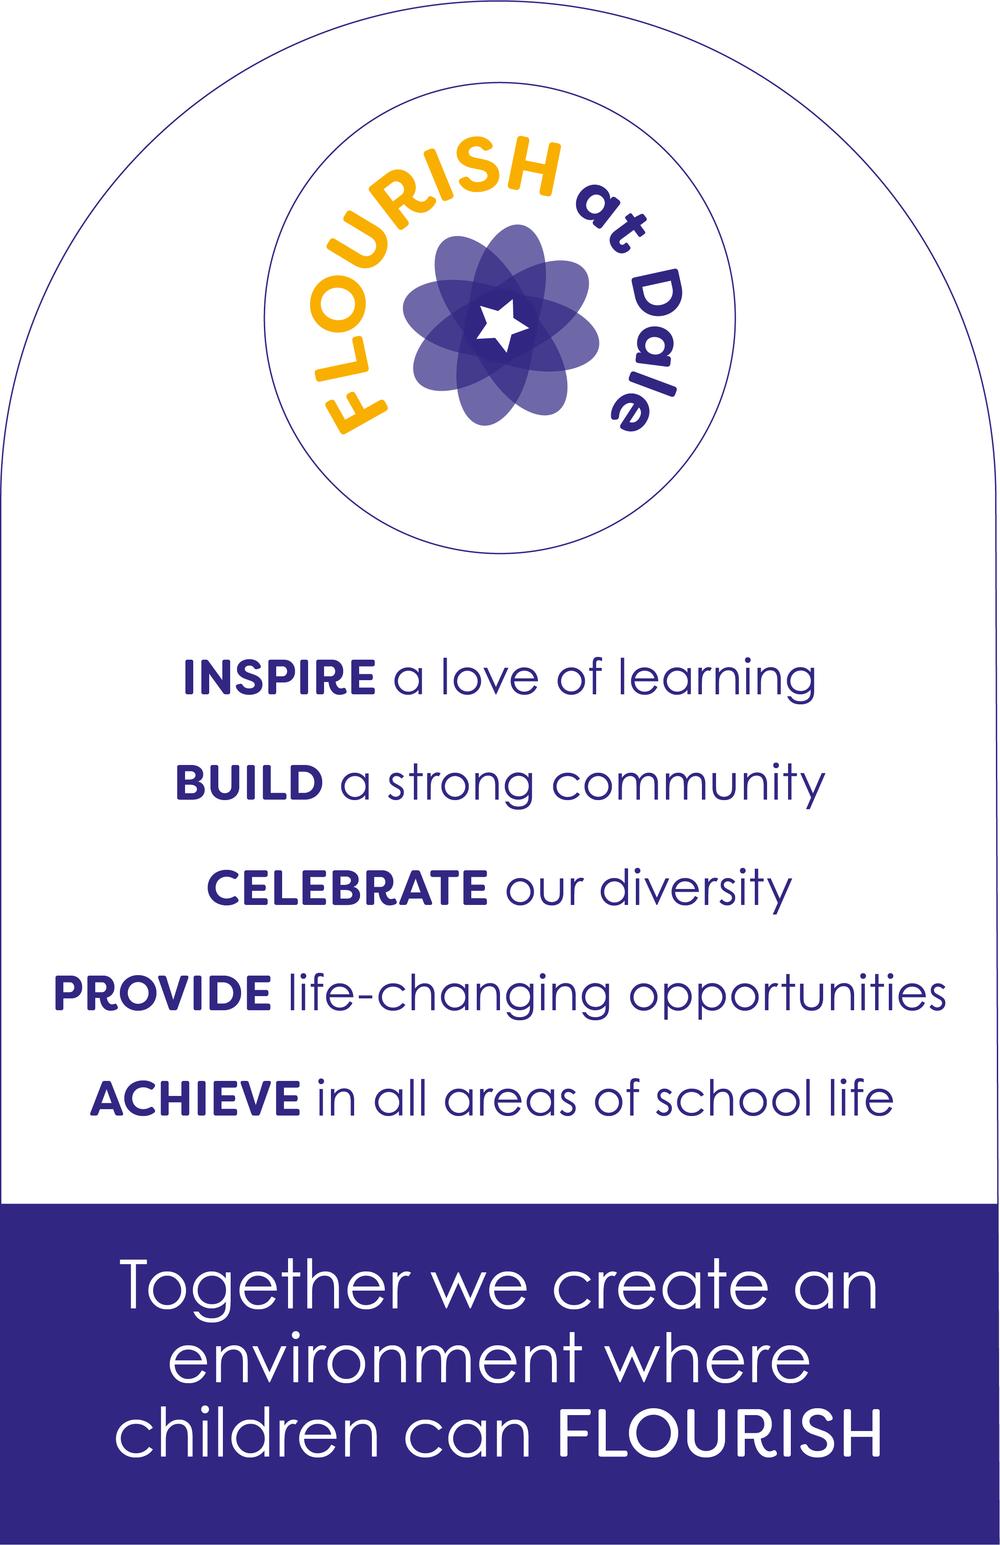 School Values Totum NEW.png